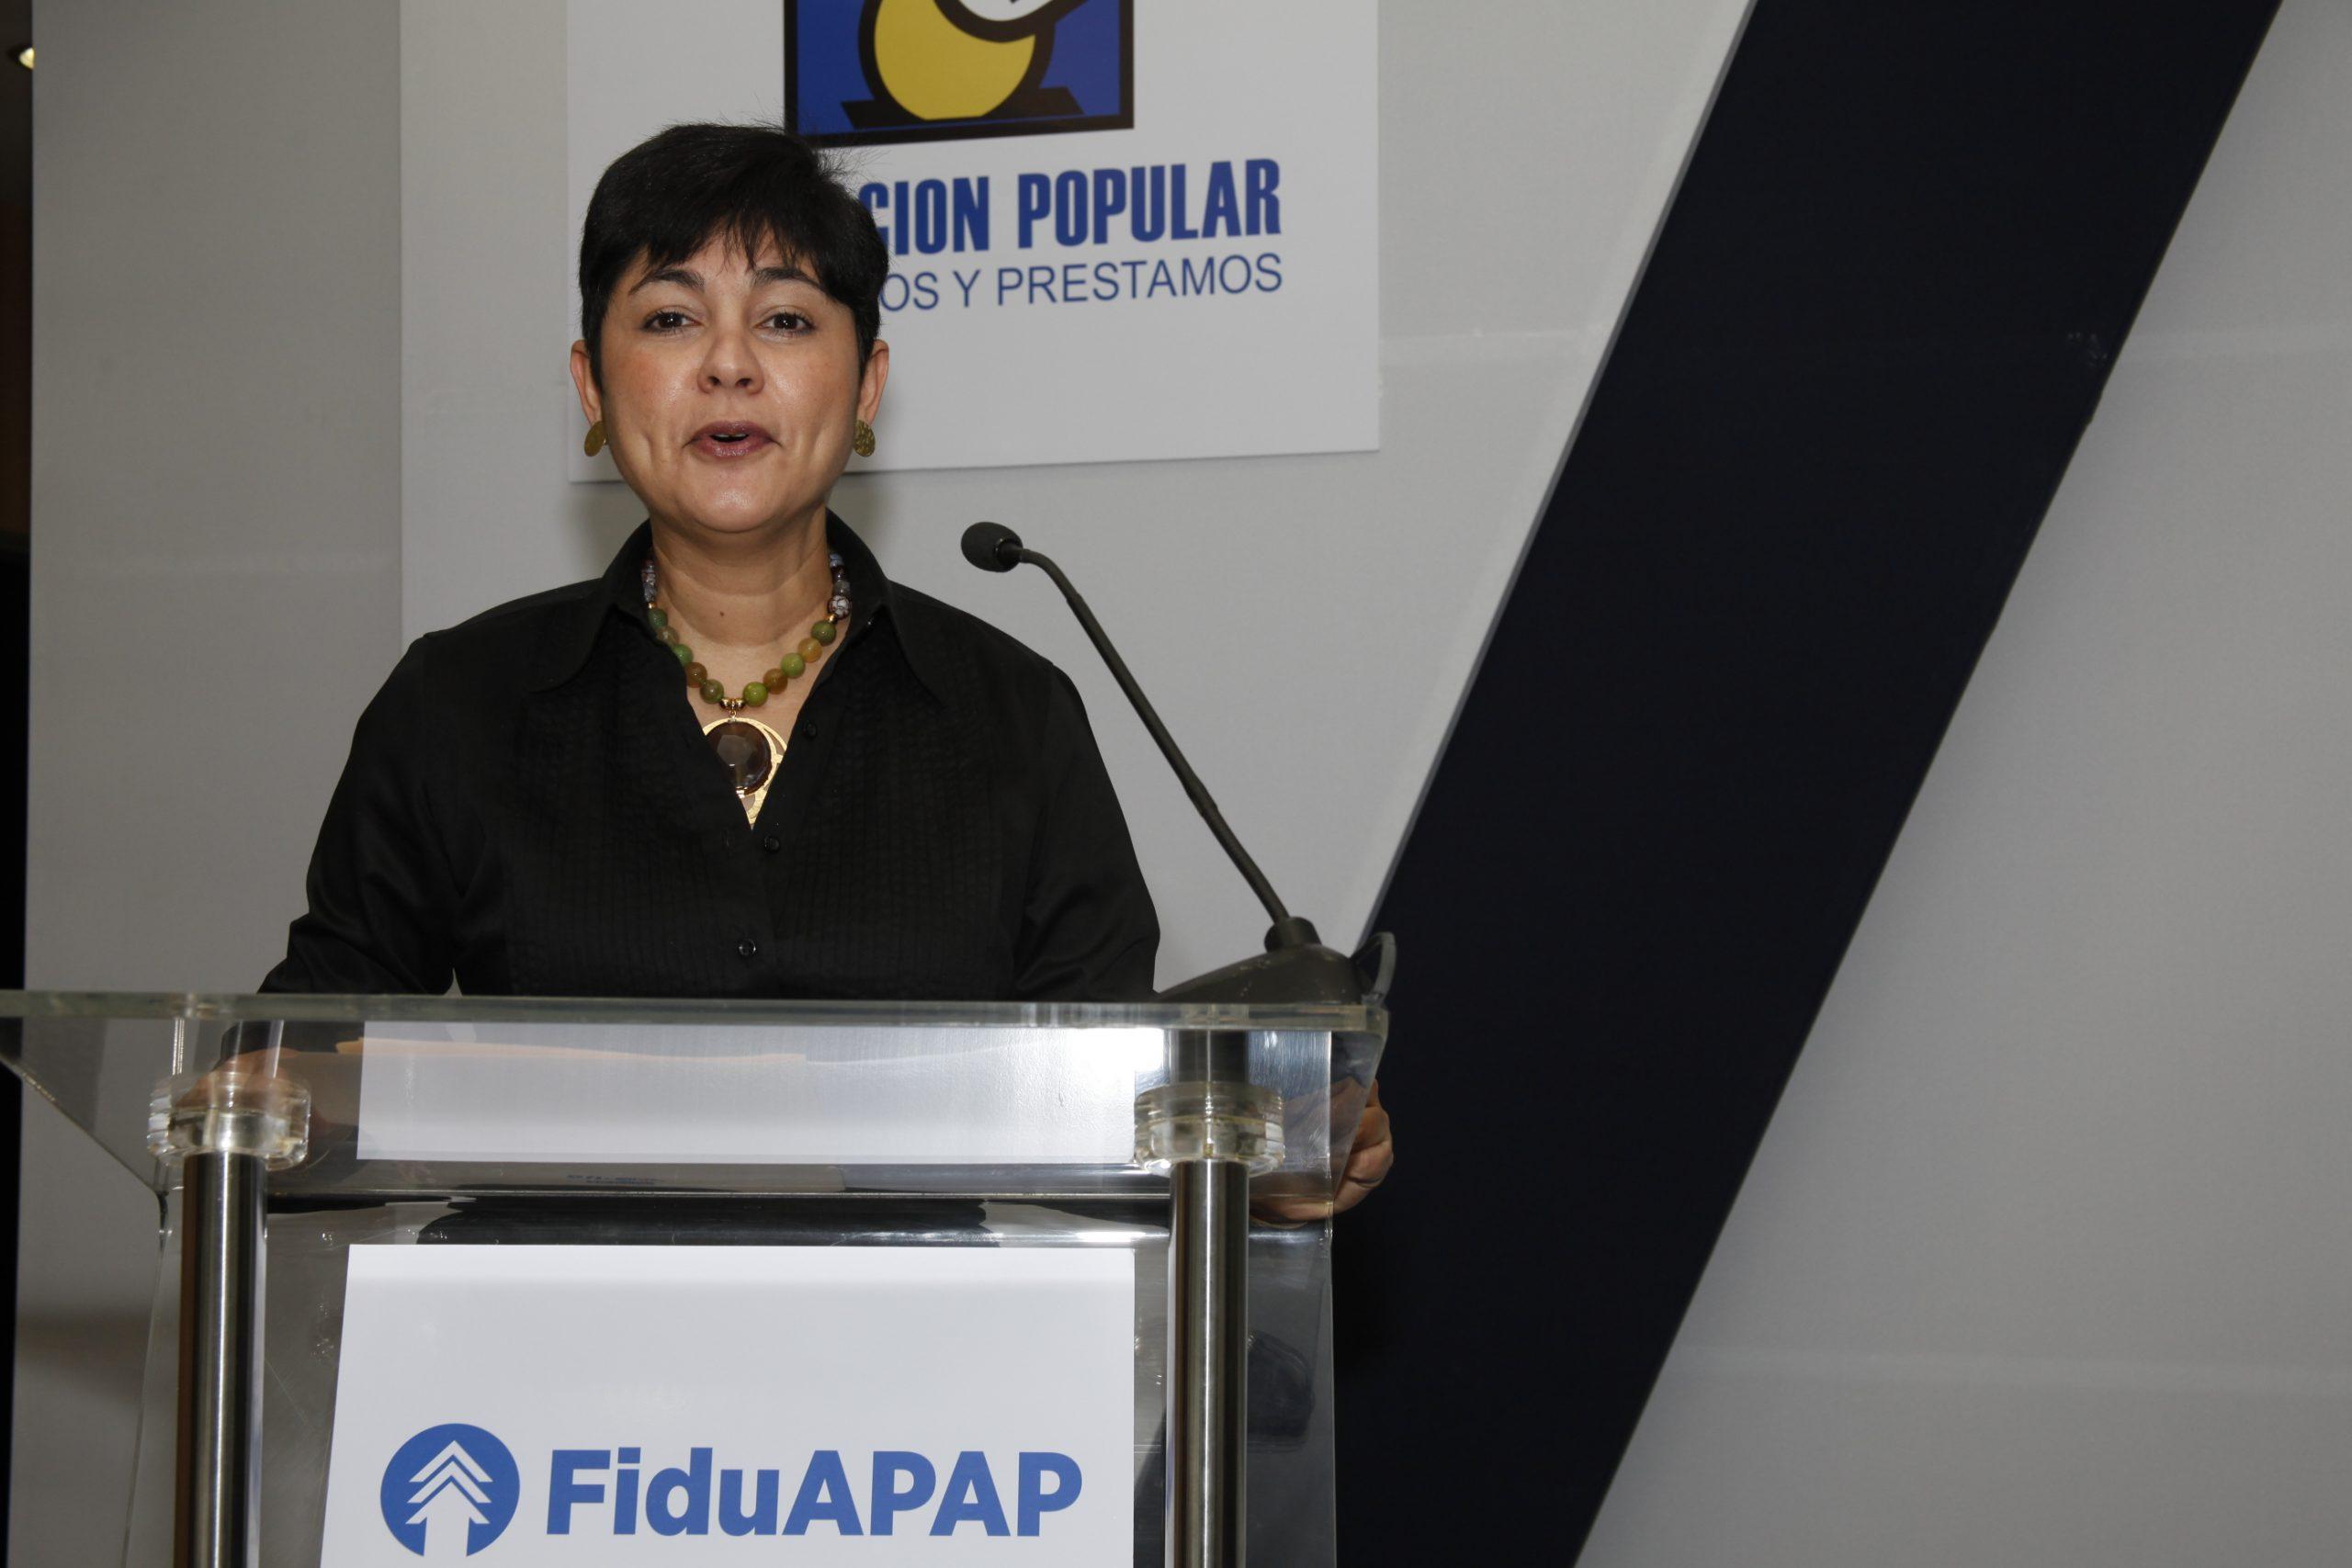 Germania Montás, economista, tuvo a su cargo el conversatorio de la APAP sobre fideicomiso.